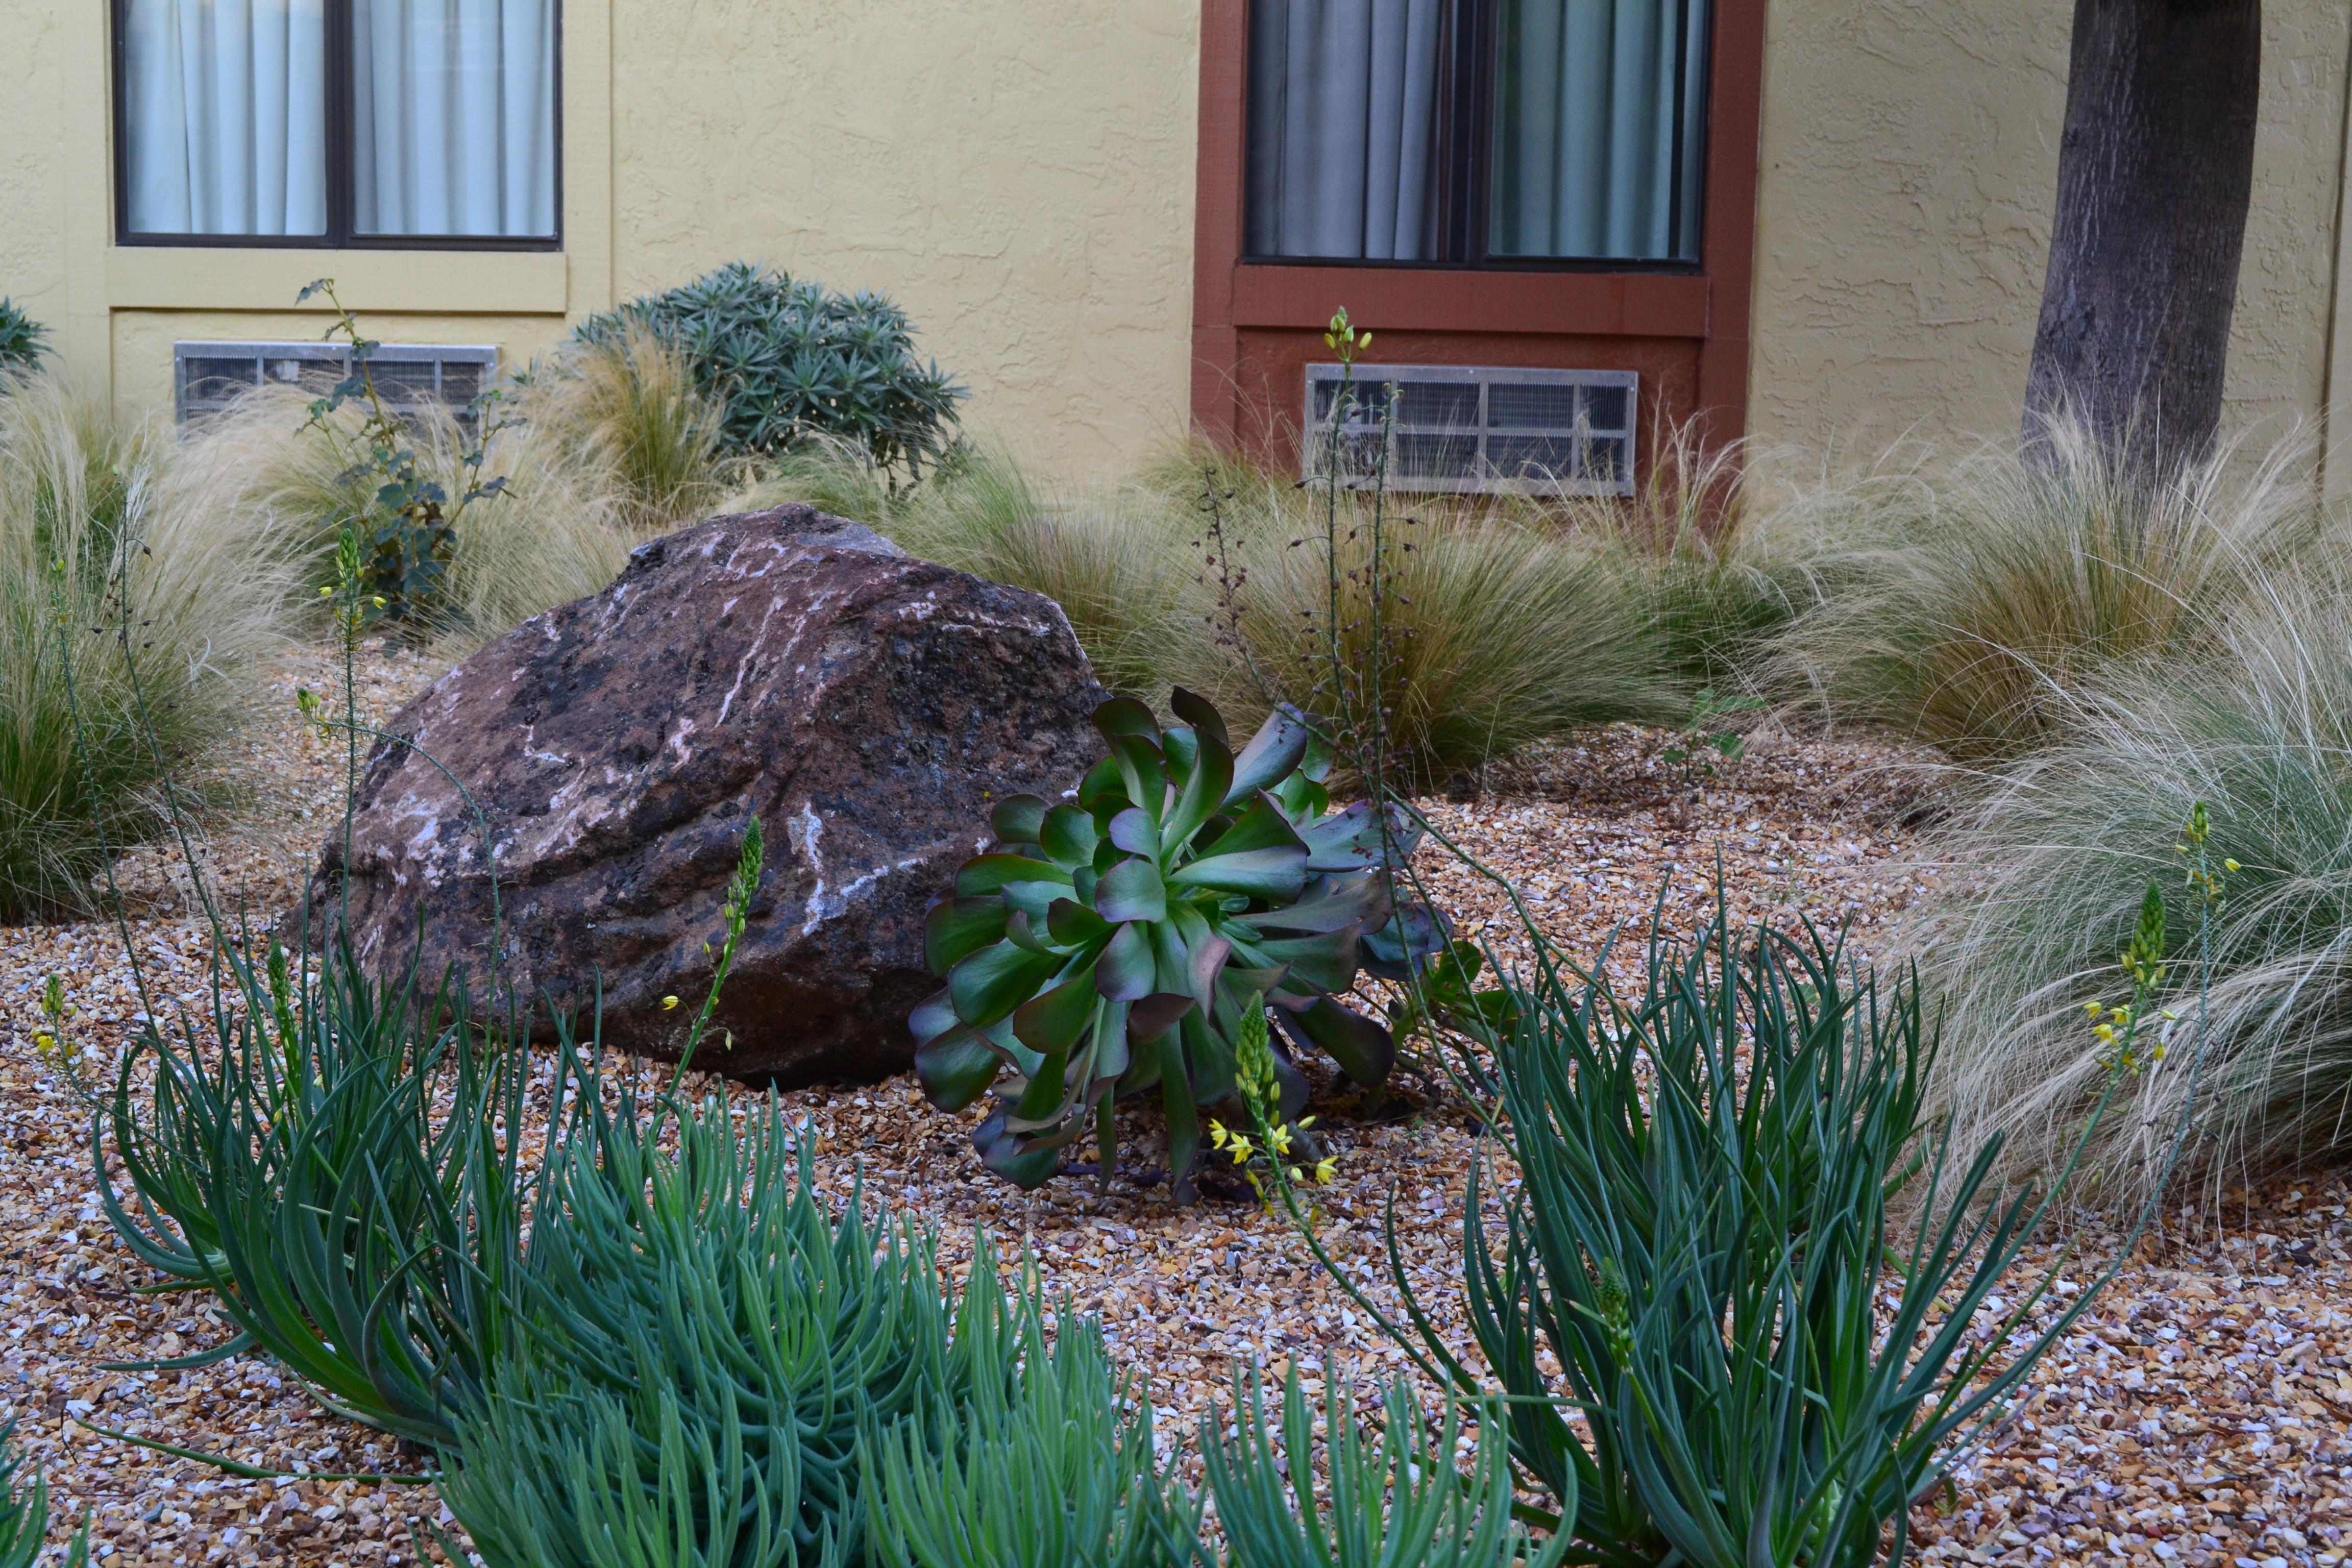 Drought Resistant Landscape at Hotel Drought Tolerant Landscape